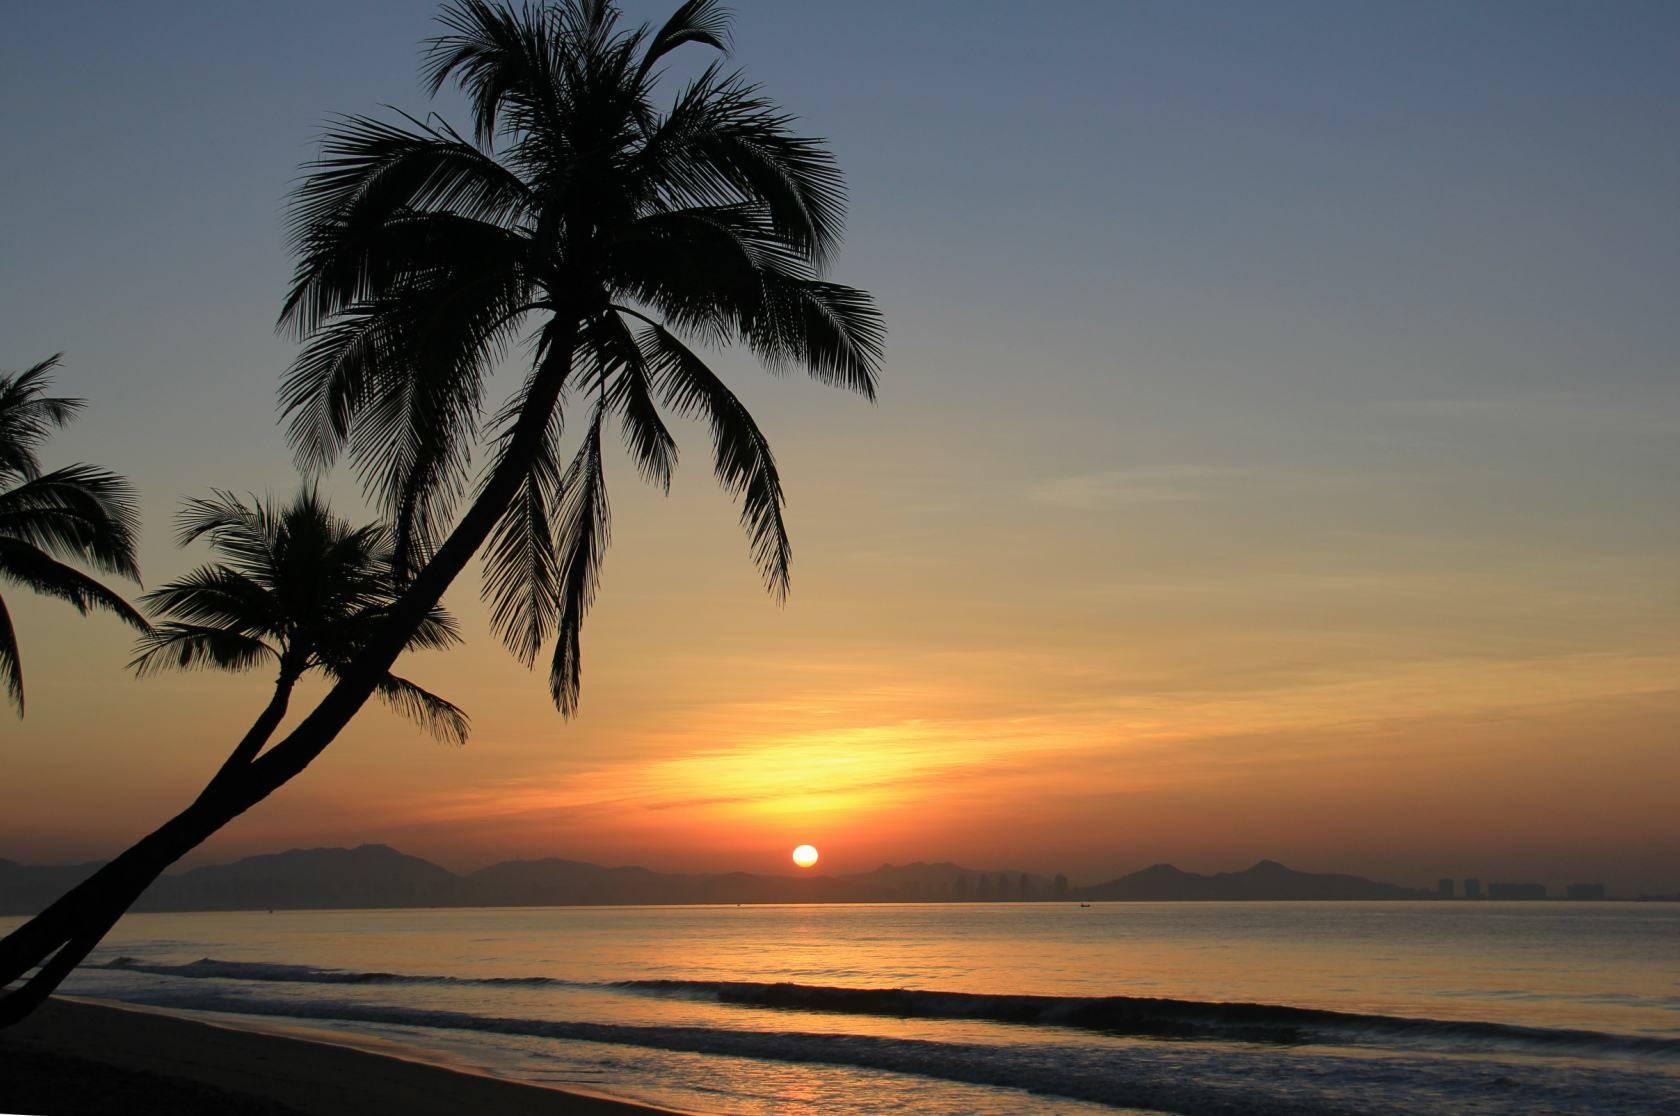 去三亚旅游要多少钱?穷游也要做个预算